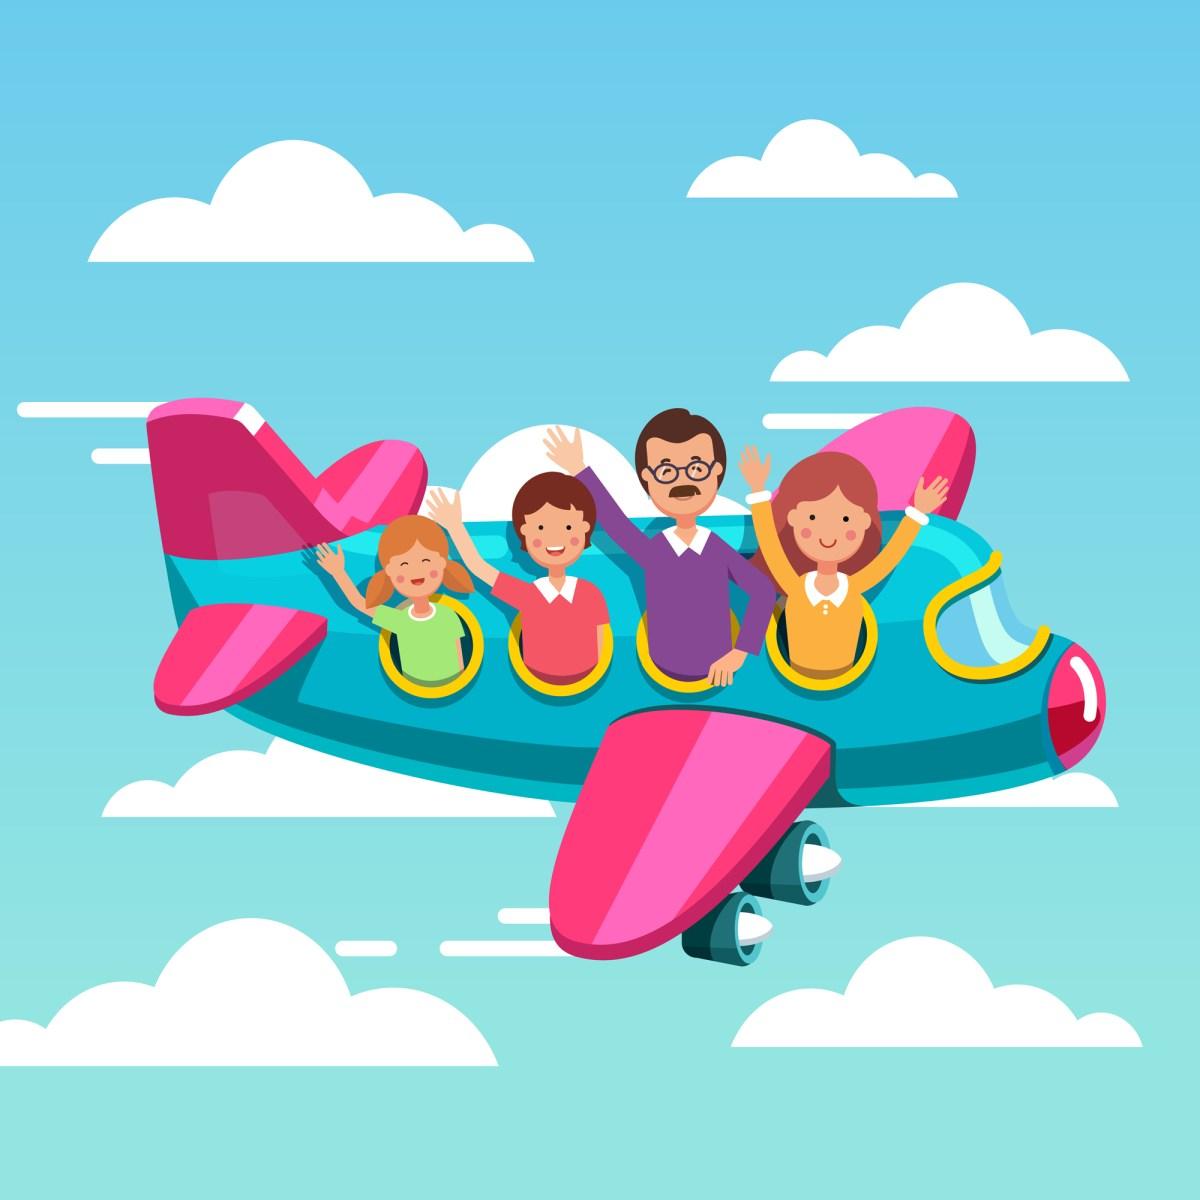 วิธีแก้ปัญหาเวลาเด็กขึ้นเครื่องบินแล้วหูอื้อ รวมถึงวิธีการดูแลเด็กบนเครื่องบิน